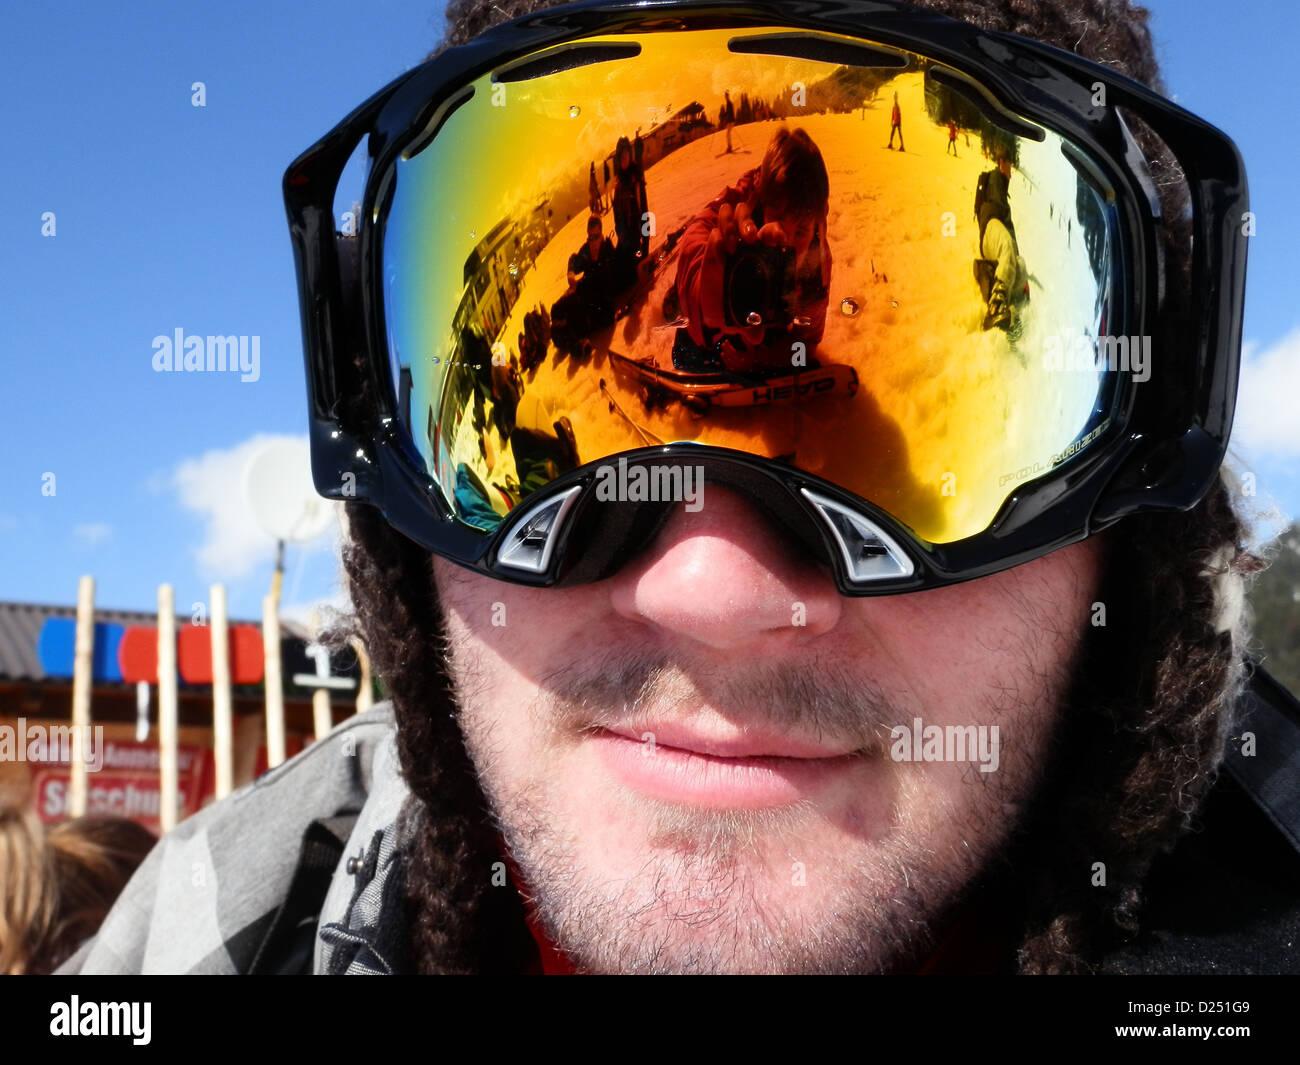 Maschere da sci e una riflessione prese Sciare nelle Alpi austriache, 2012 Immagini Stock